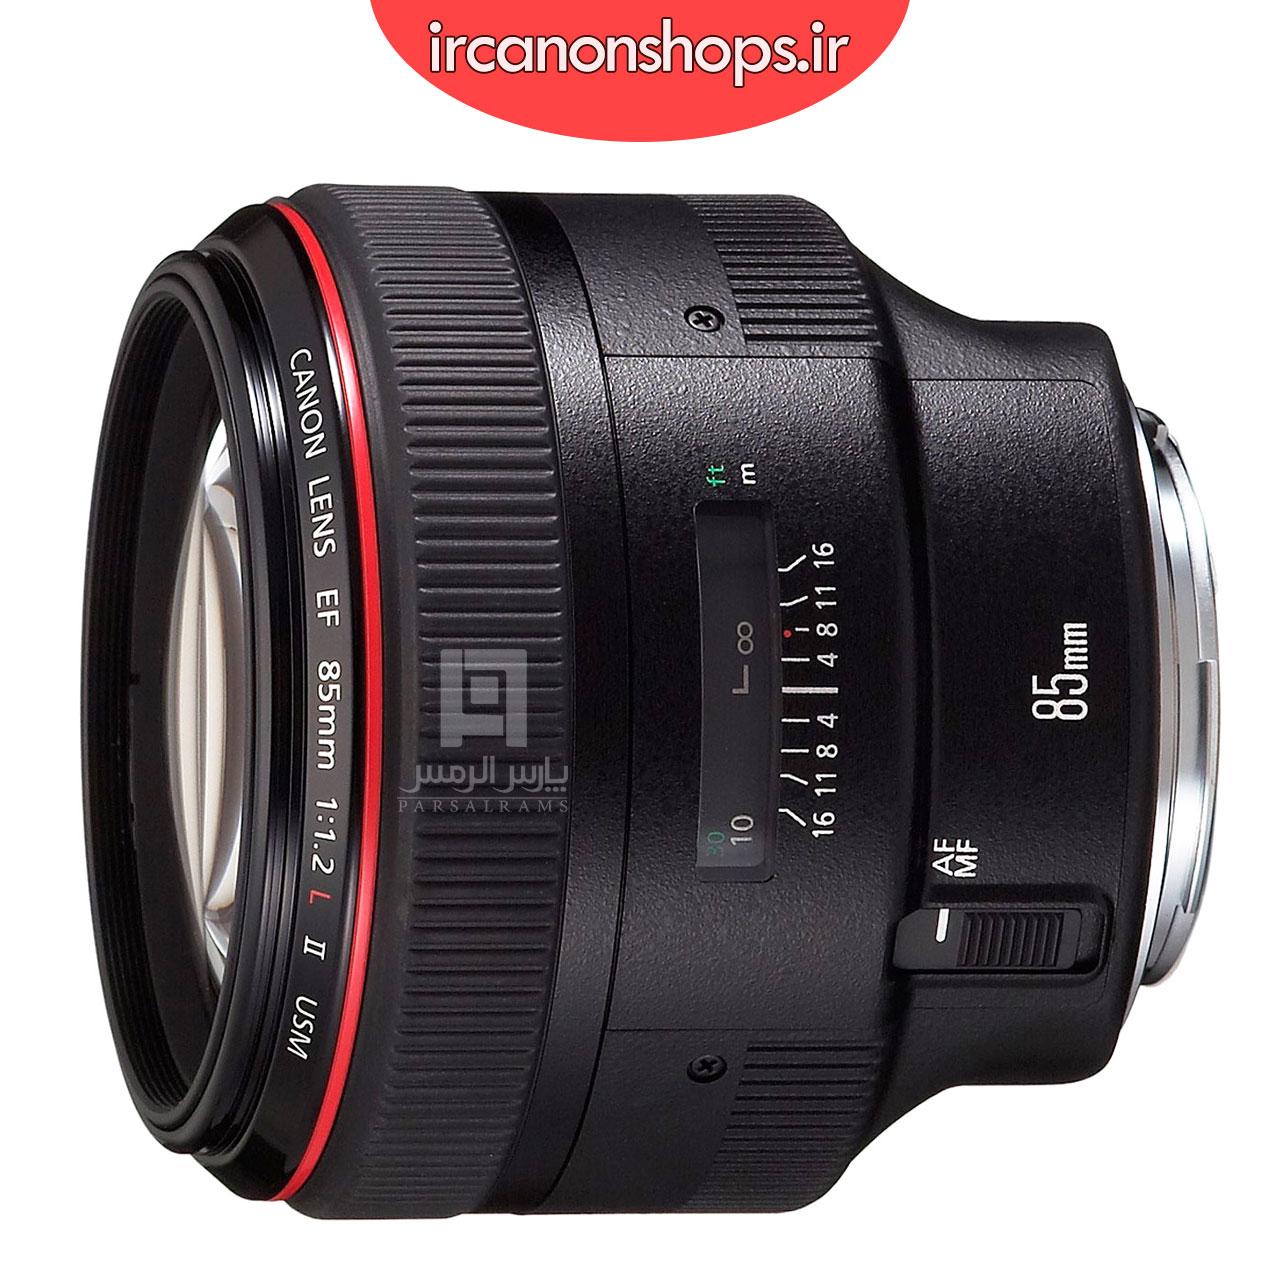 فروش لنزهای دوربین عکاسی کانن